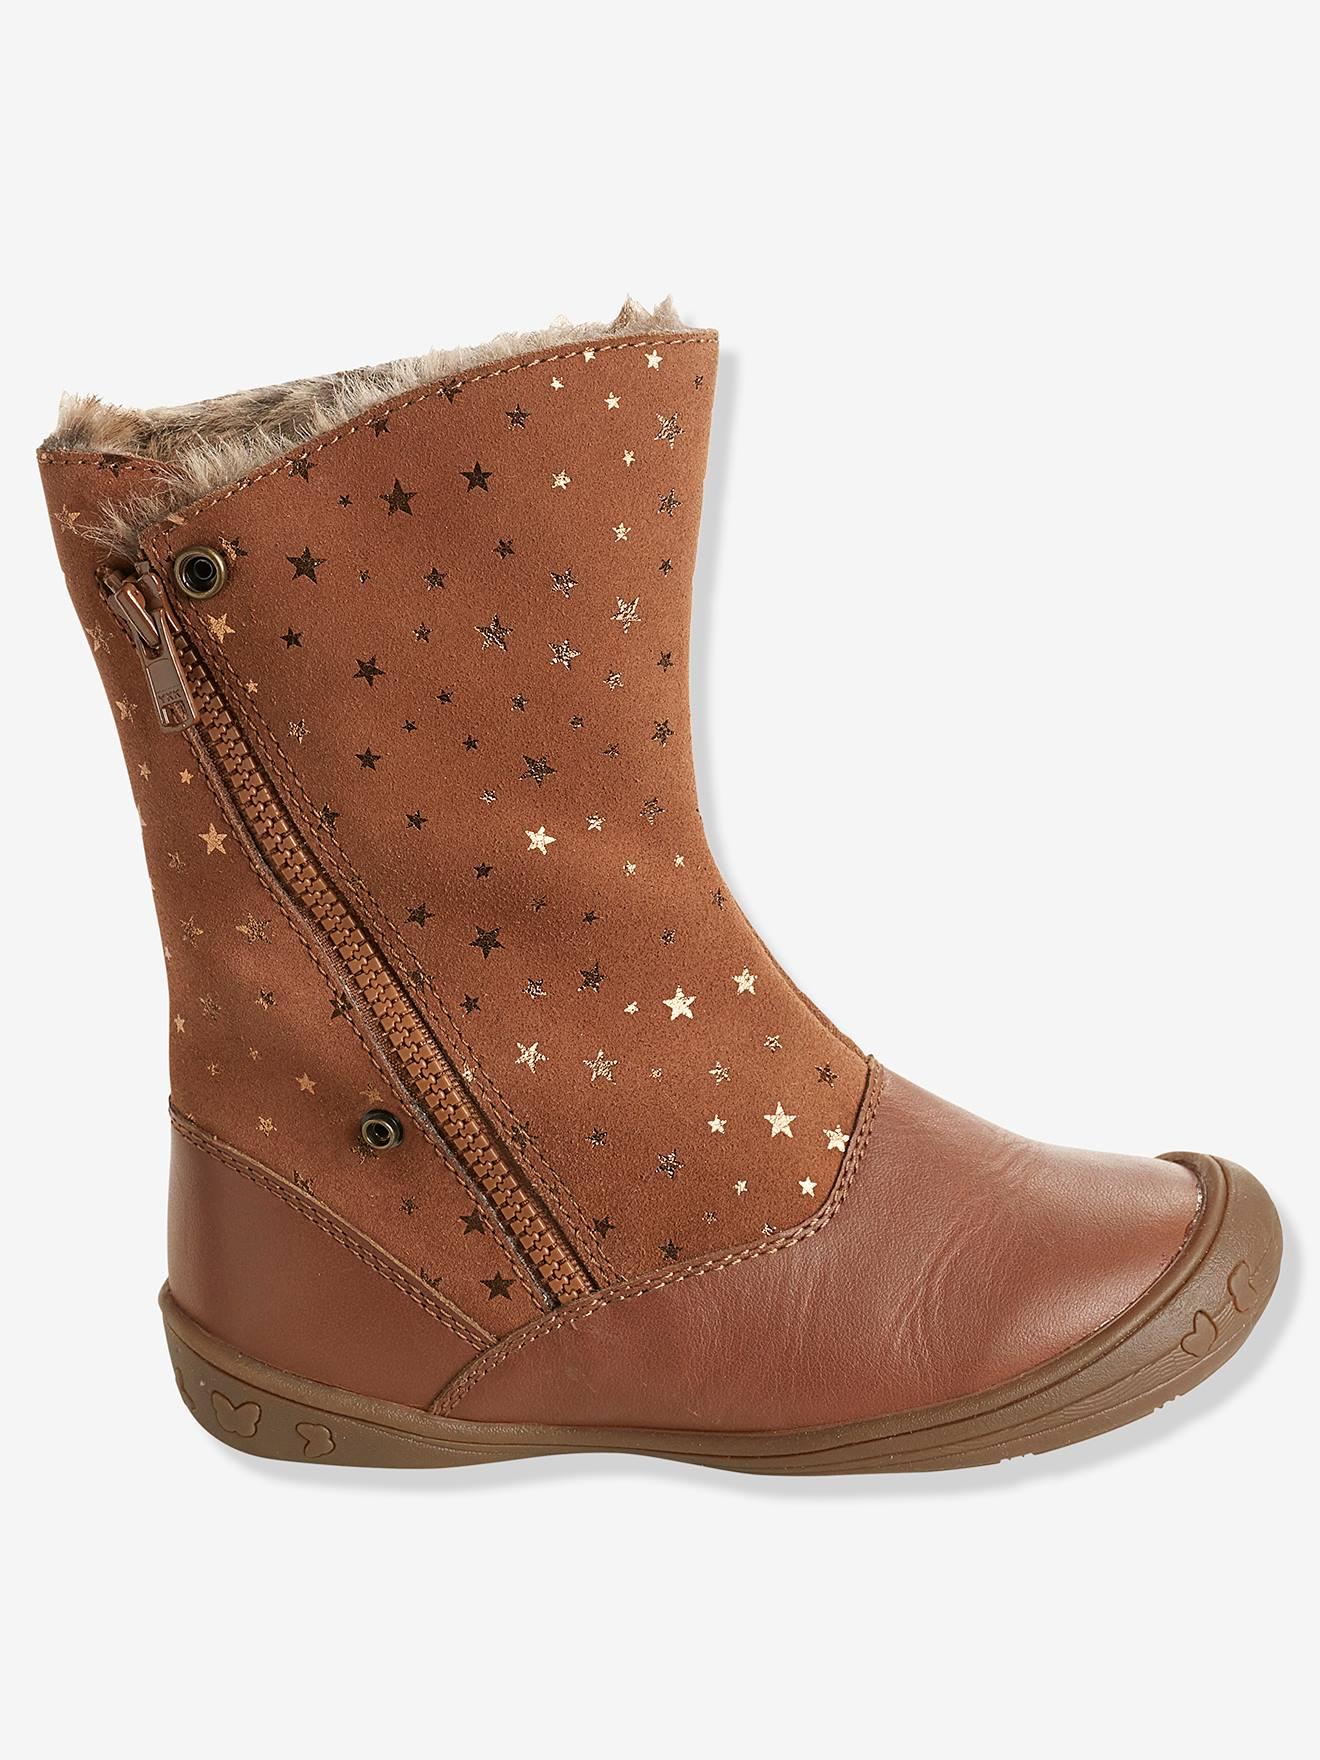 Bottes filles enfant chaussures Magasin de pour filles j4cARLq35